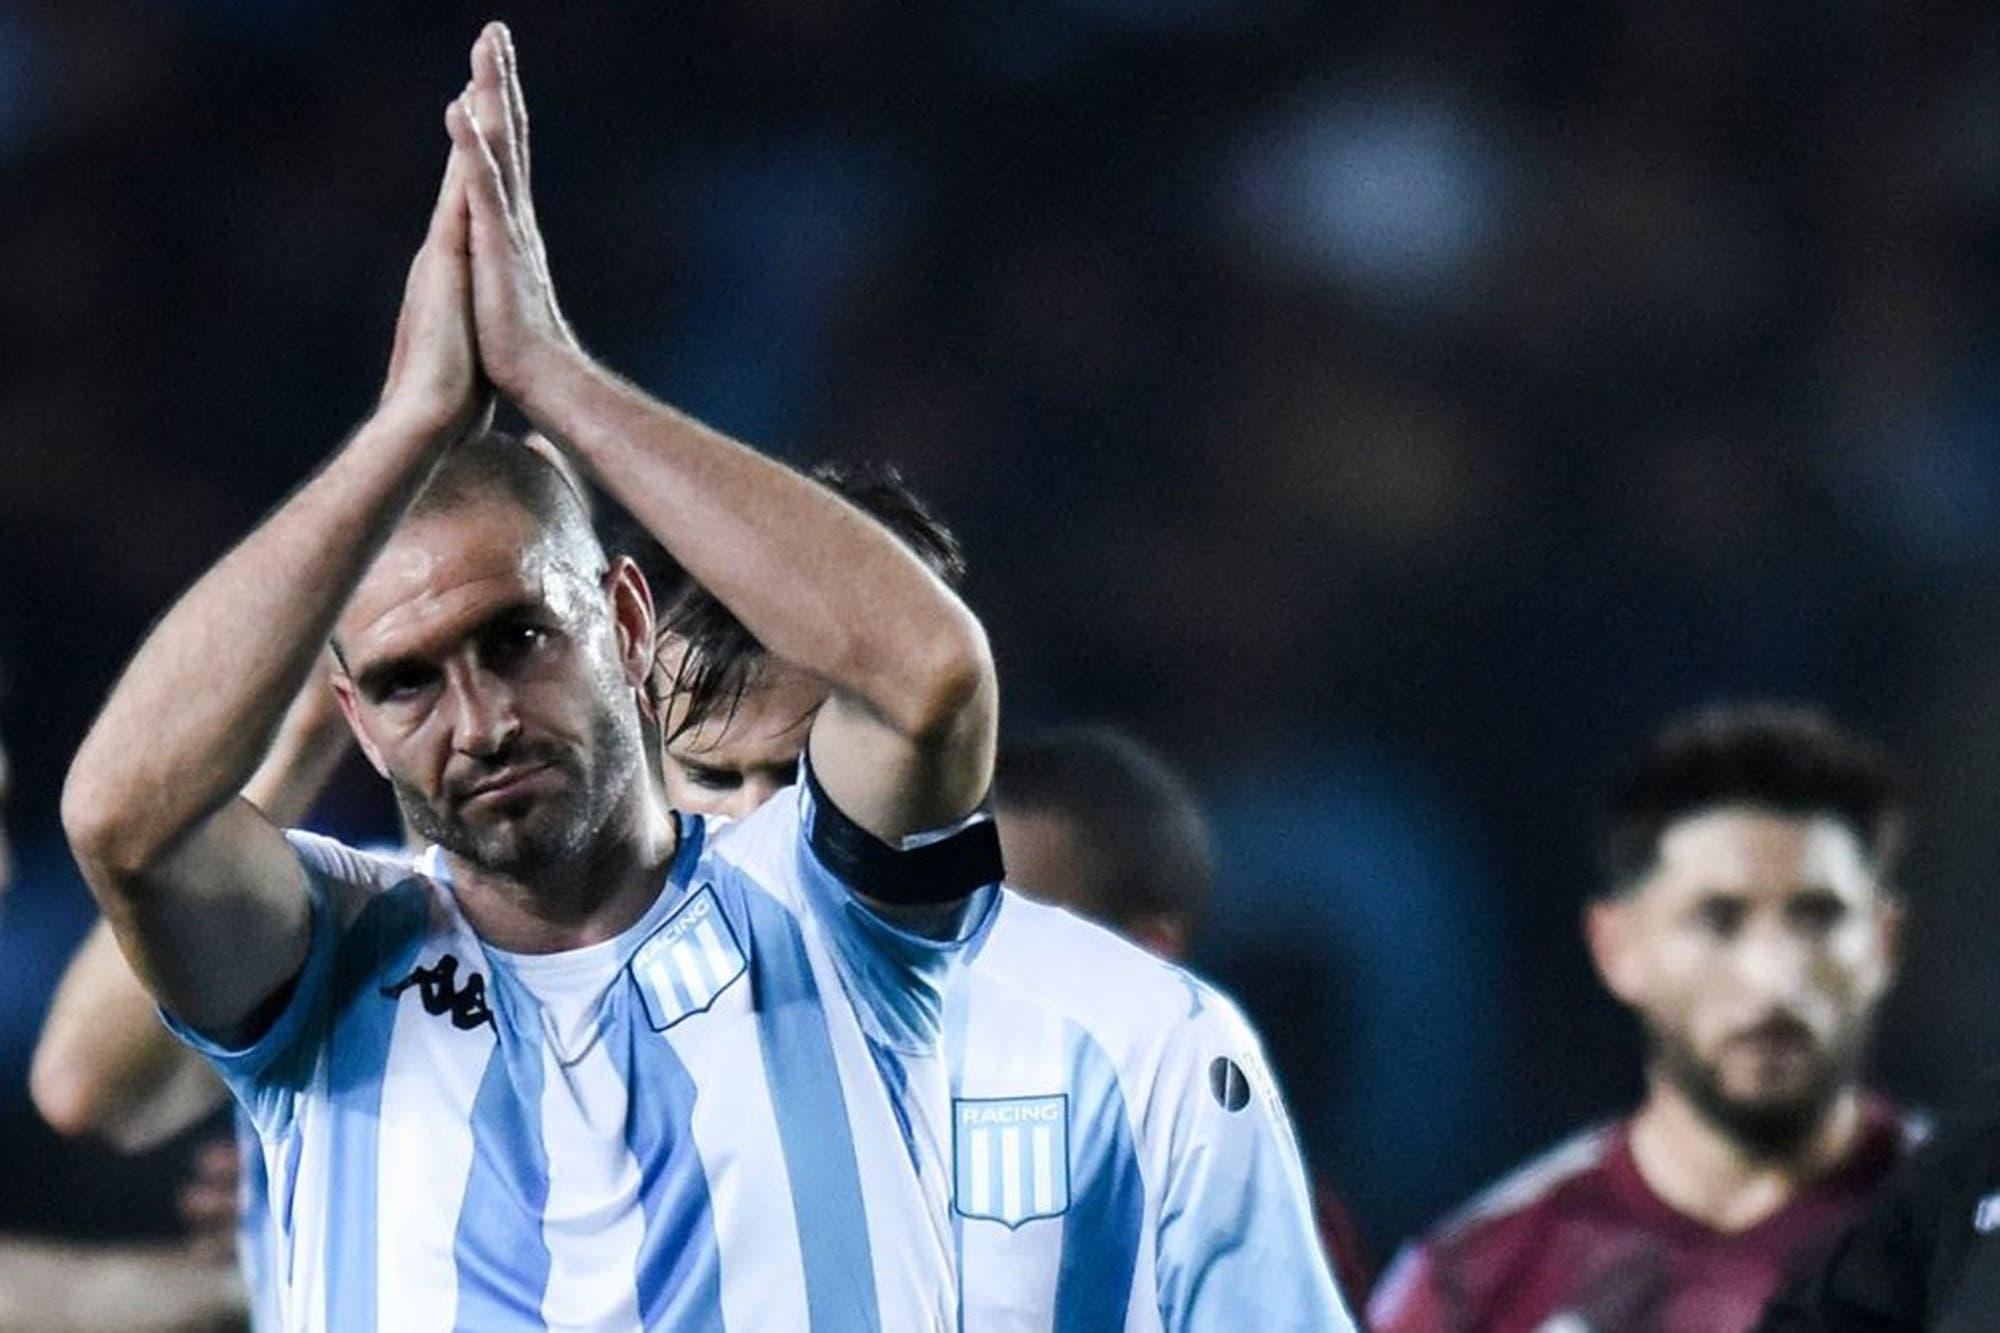 """Racing, tras el 6-1 de River: Lisandro López habló de """"papelón"""" y de la """"necesidad de recuperar valores"""""""